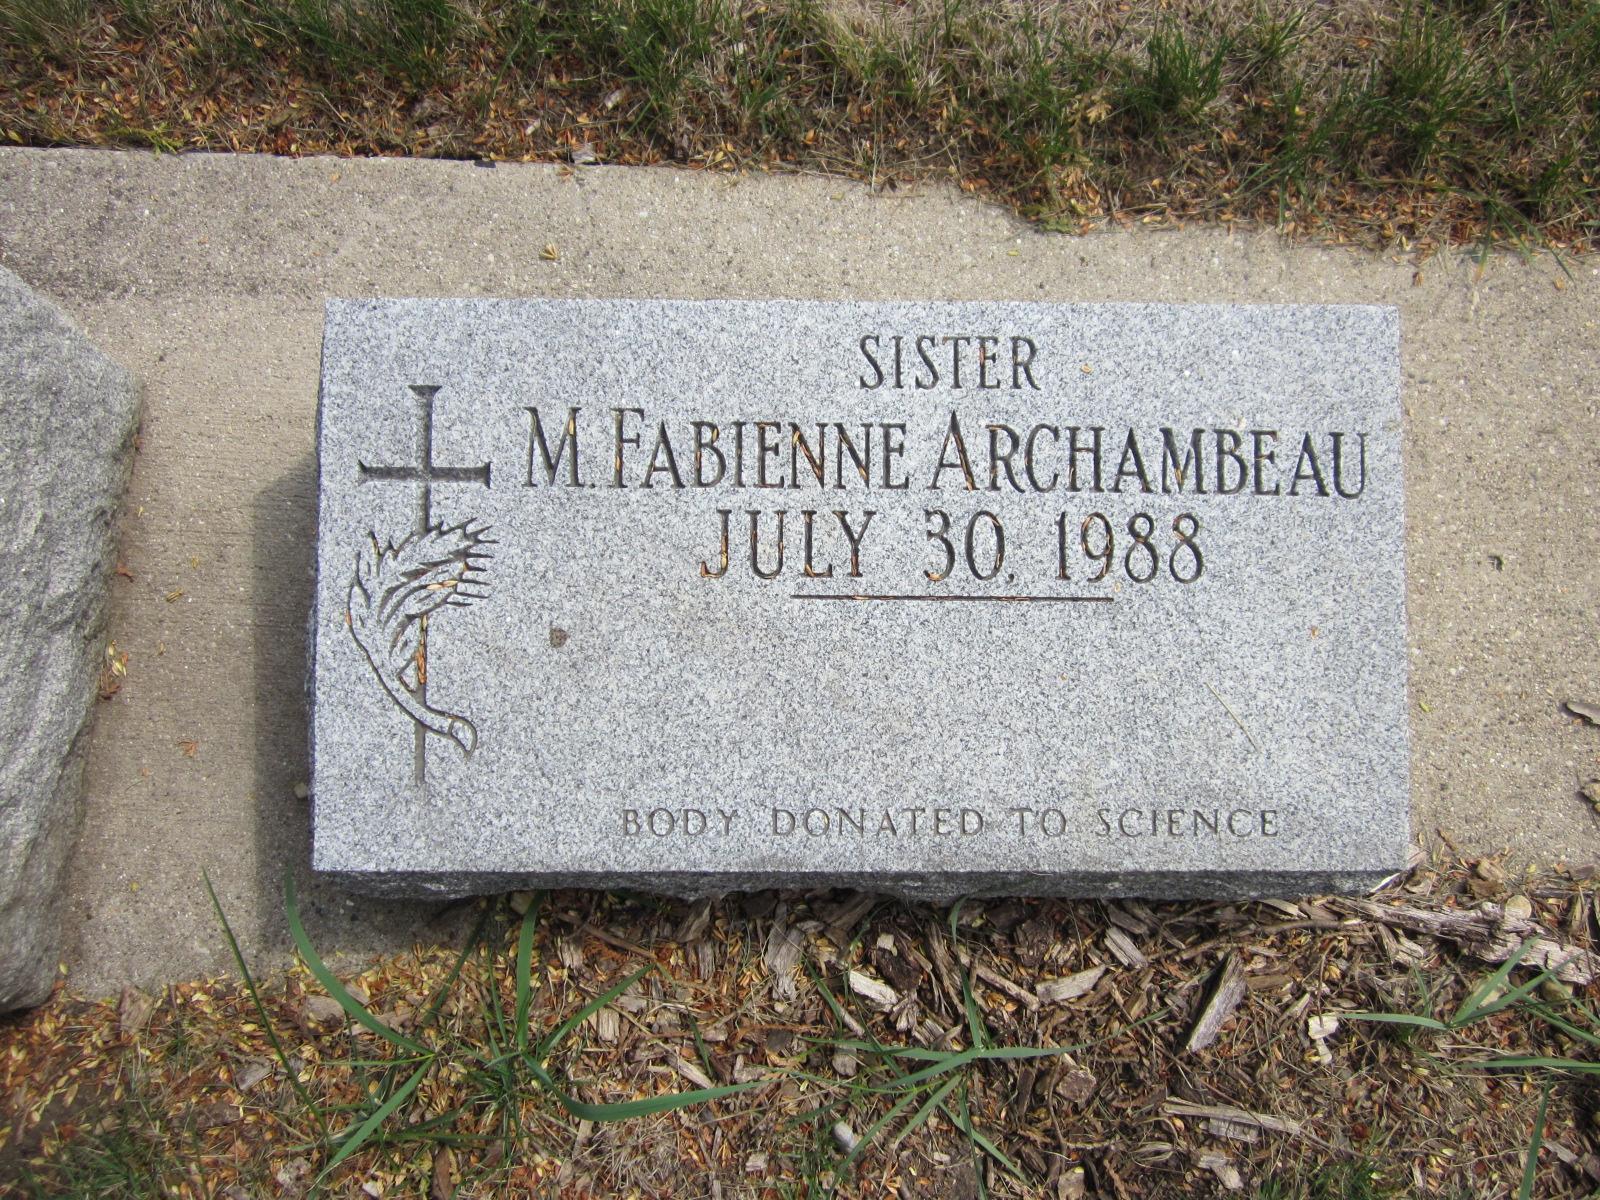 Sr M. Fabienne Archambeau